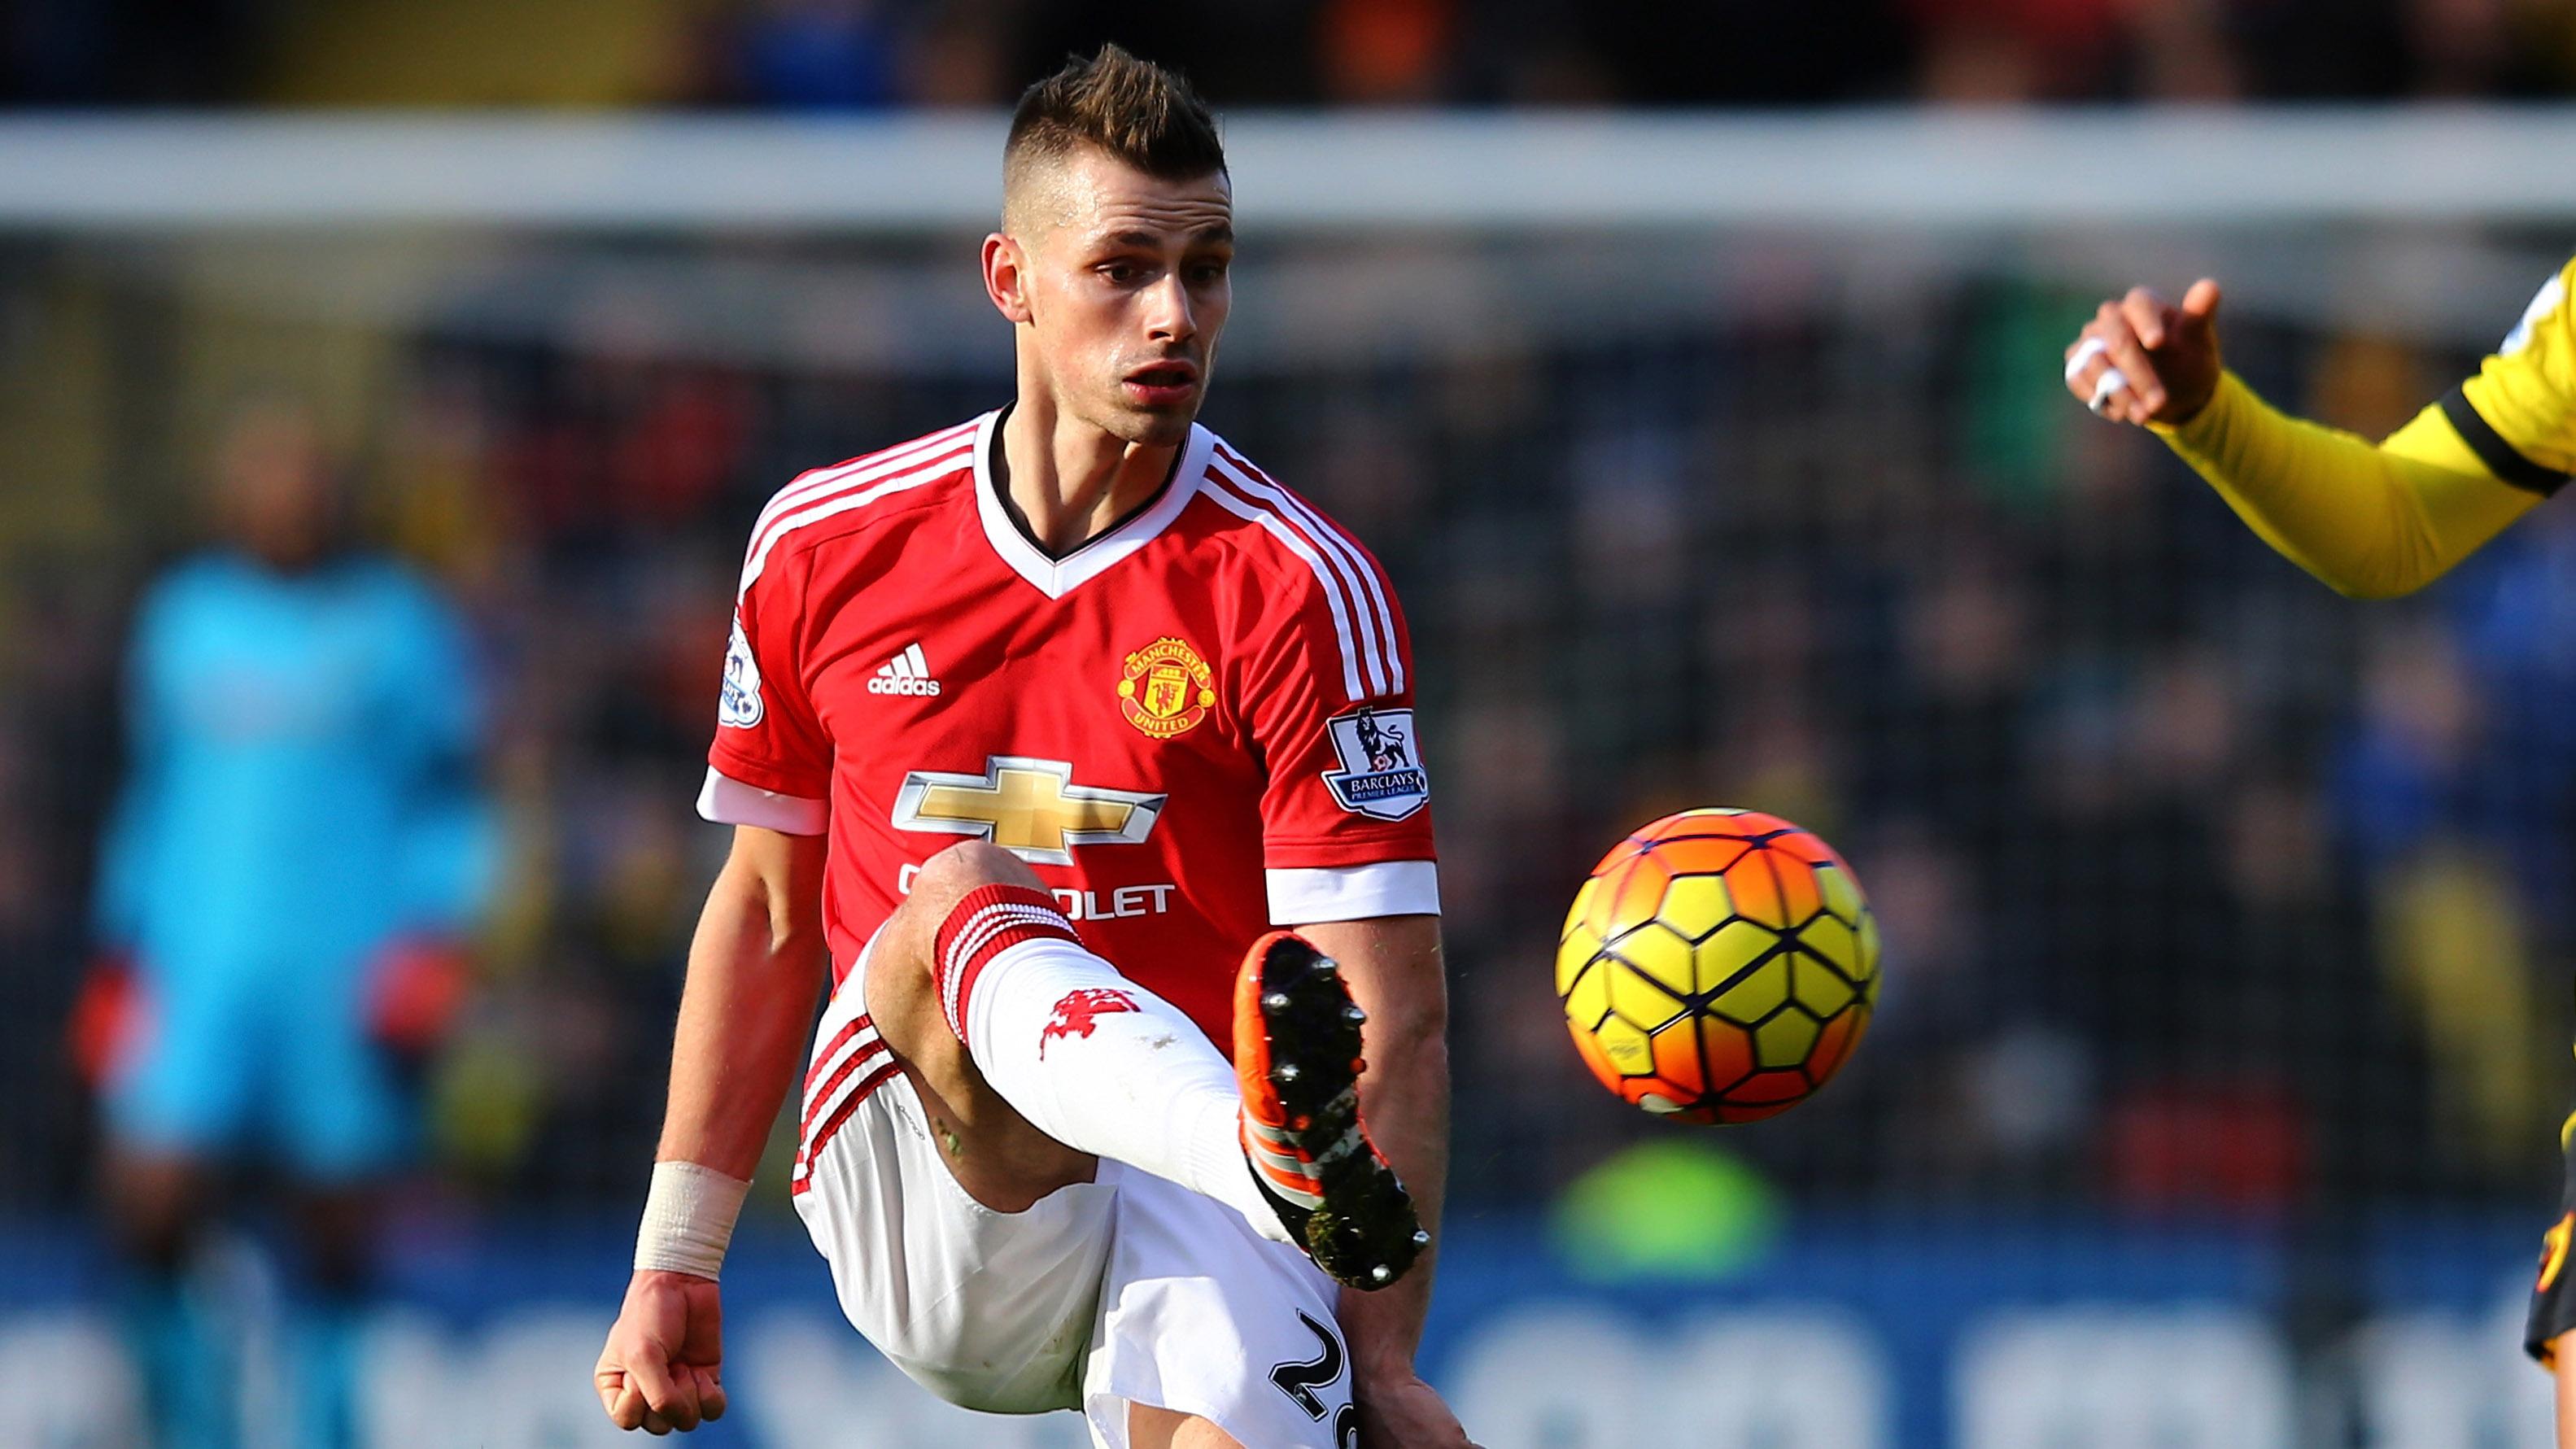 OM Mercato : Un milieu de Manchester United si Diarra s'en va ?